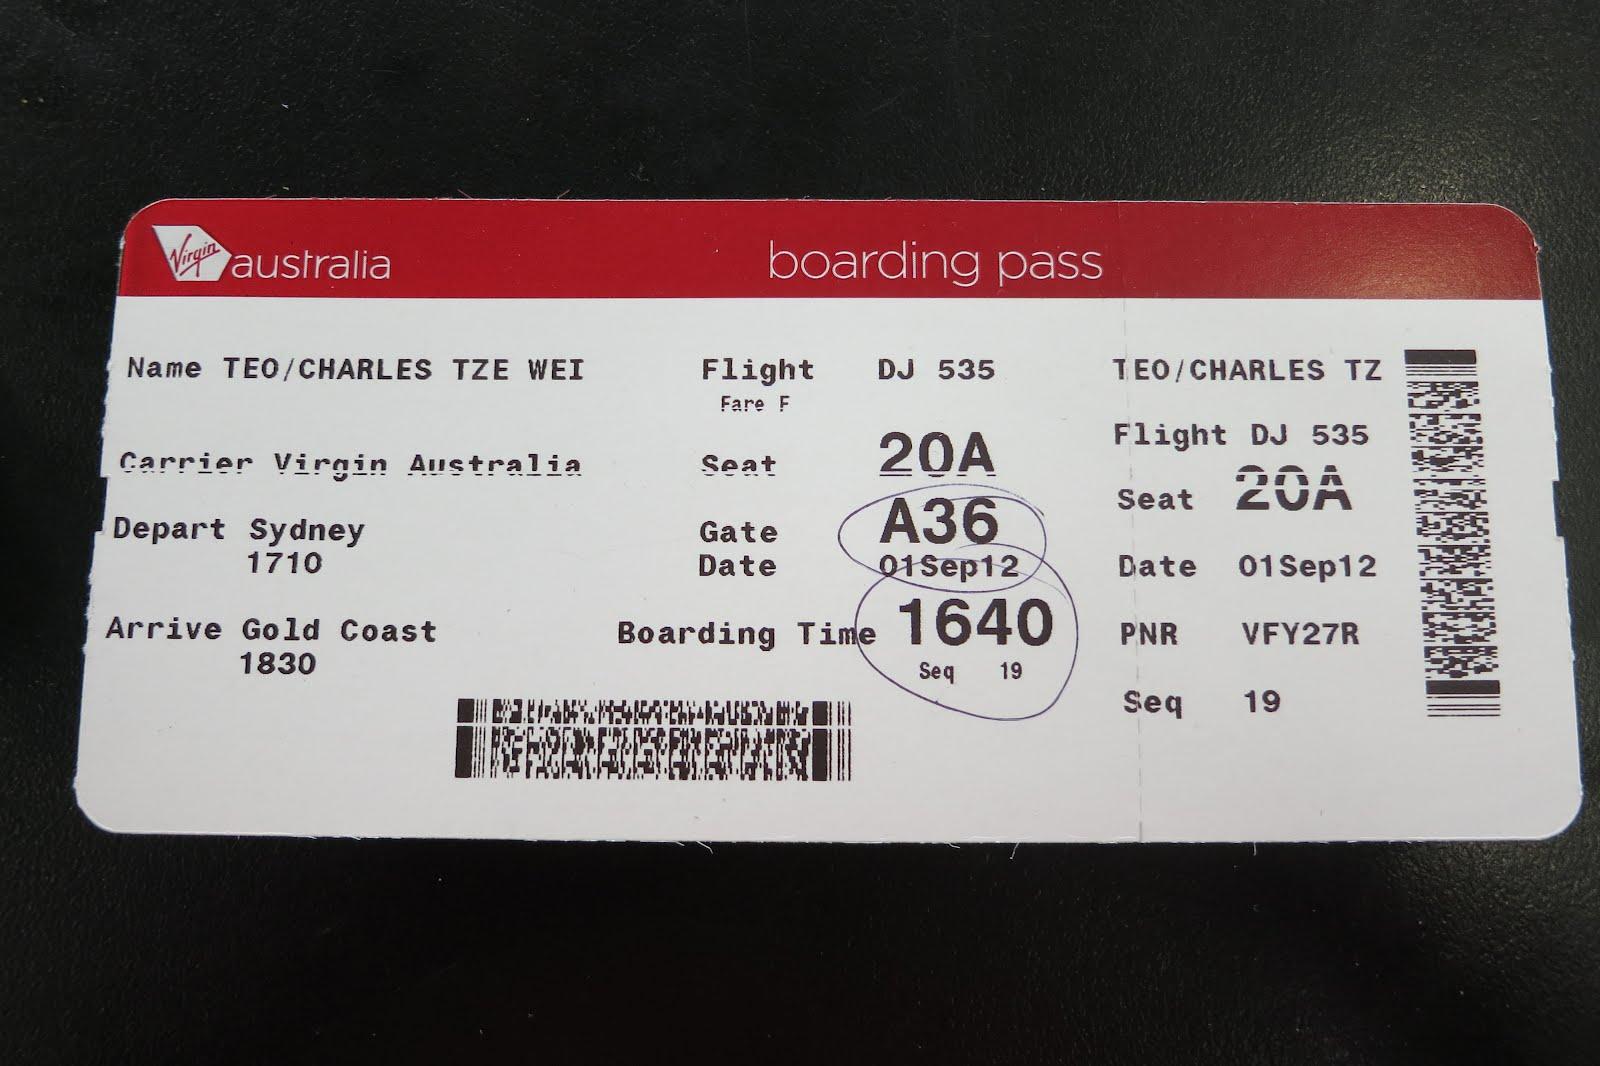 boarding pass sleeve template - charles ryan 39 s flying adventure breaking my virginity